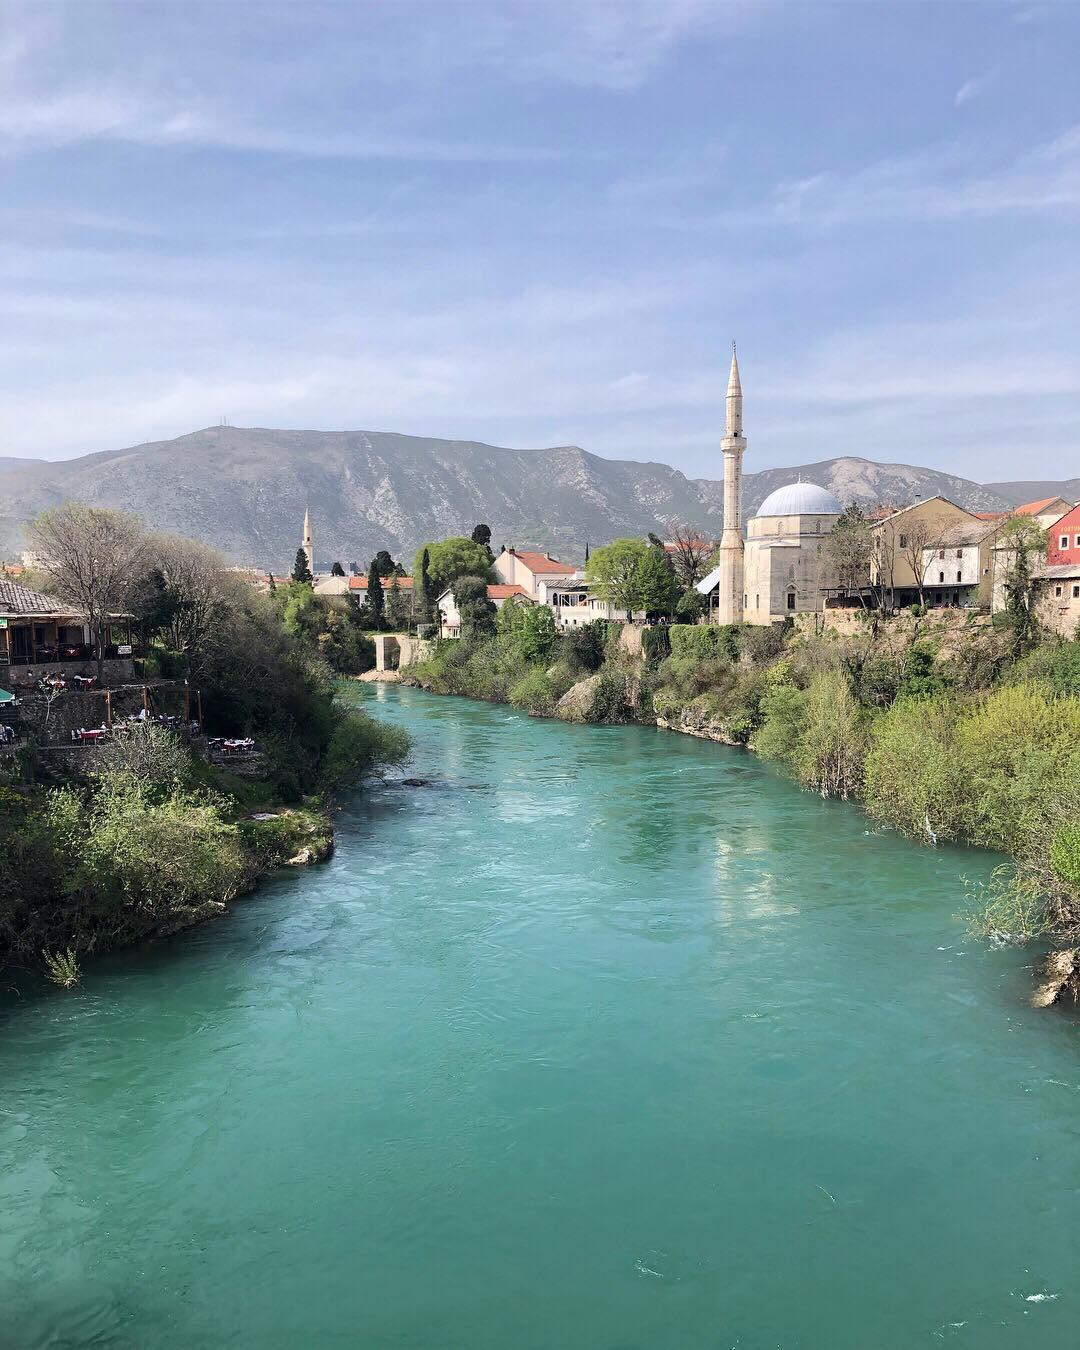 Výhľad na mesto Mostar v Bosne a Hercegovine